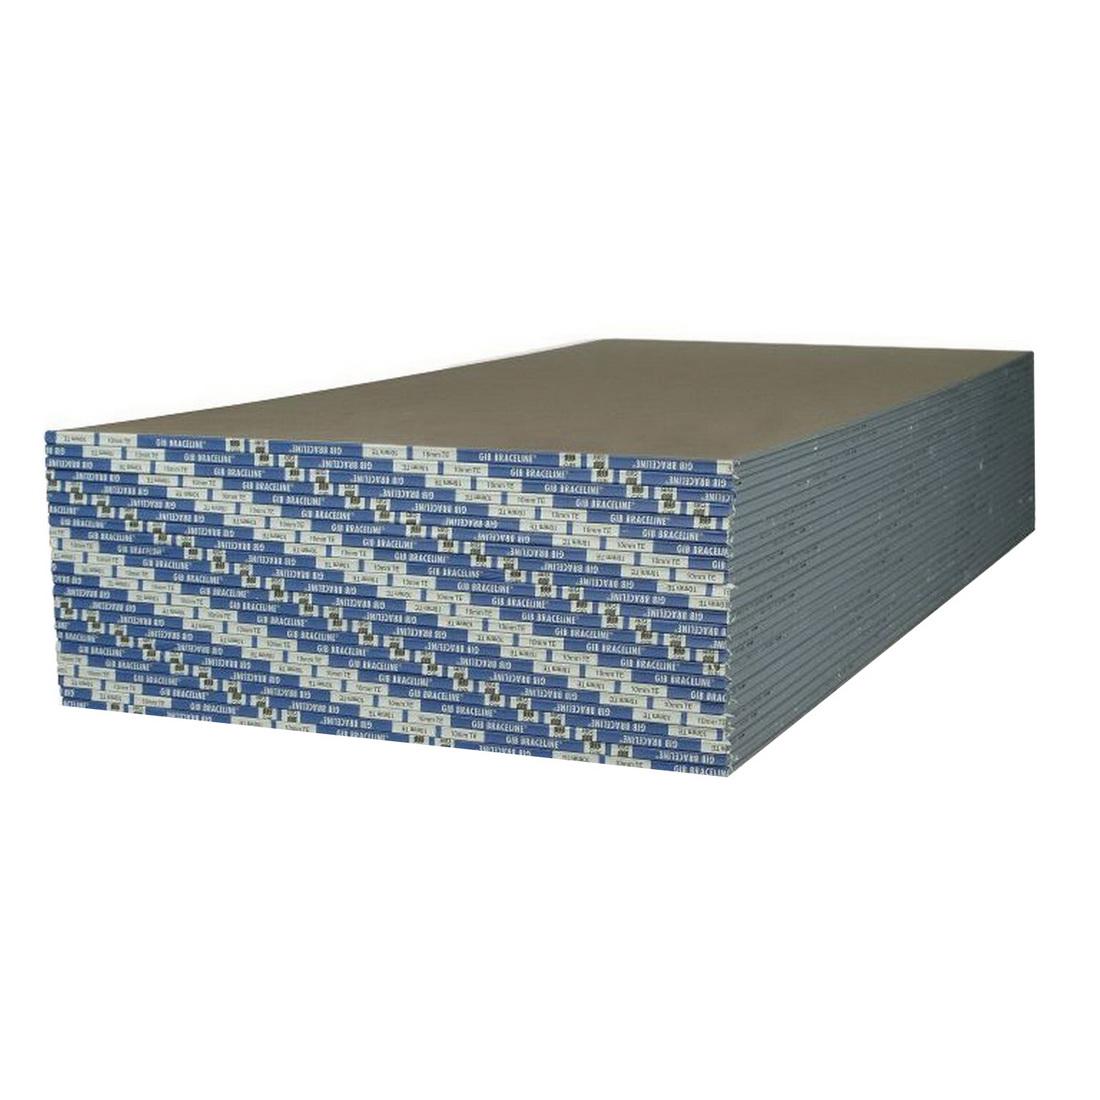 Braceline Noiseline Plasterboard 3600 x 1200 x 10mm 15057